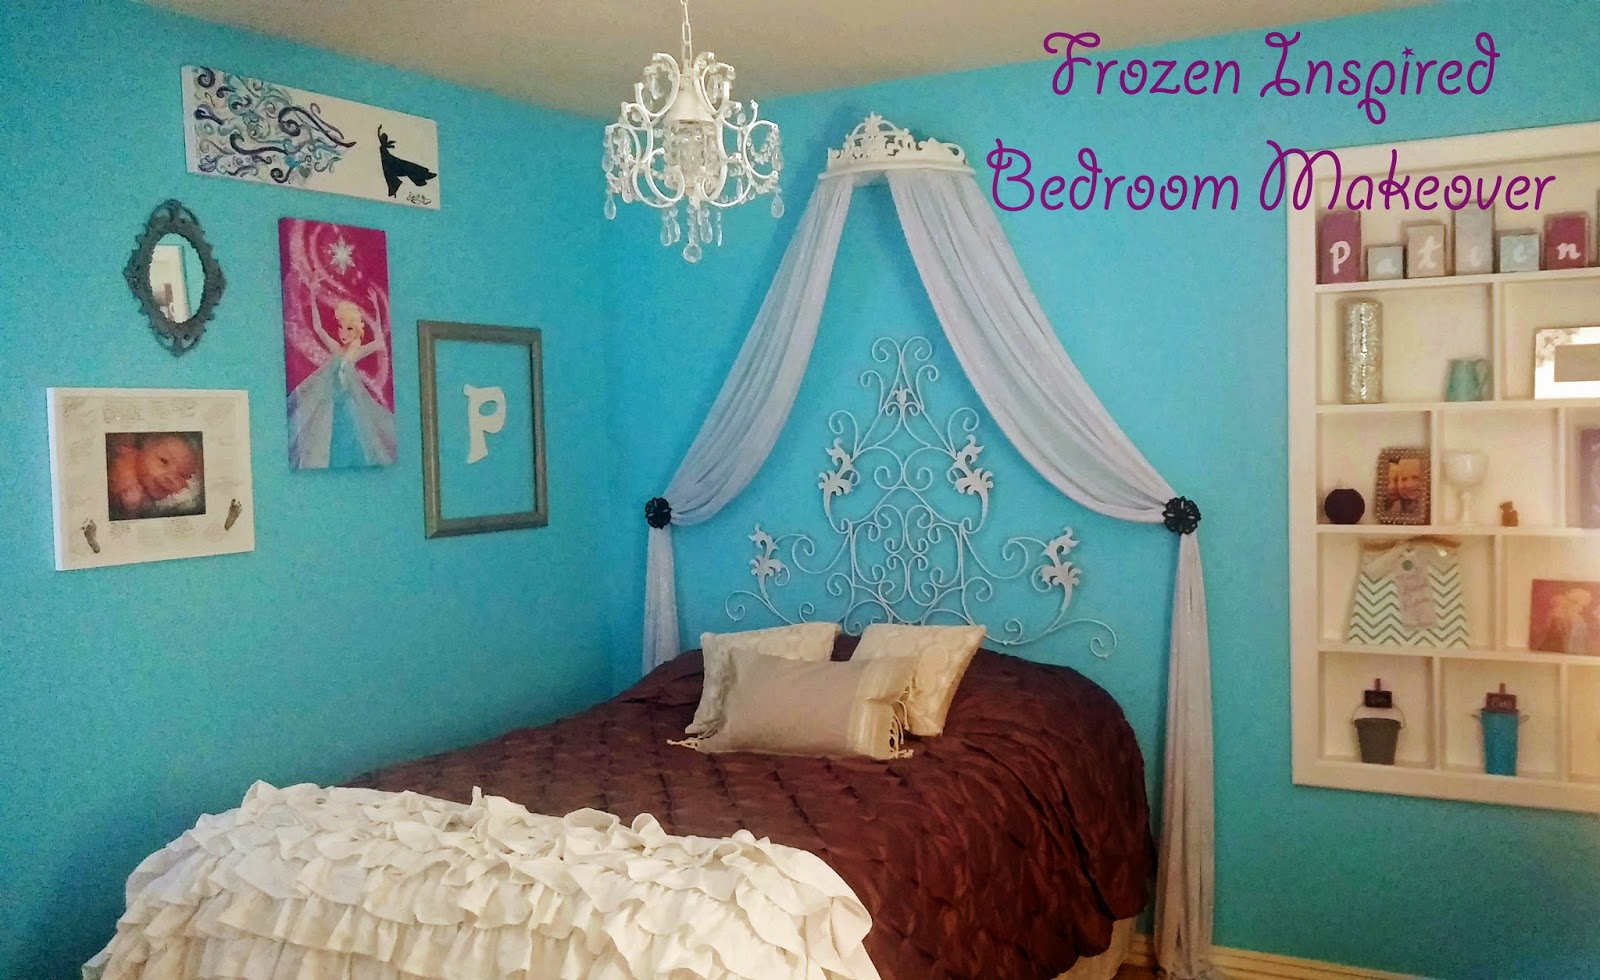 Frozen inspired bedroom - Bedroom